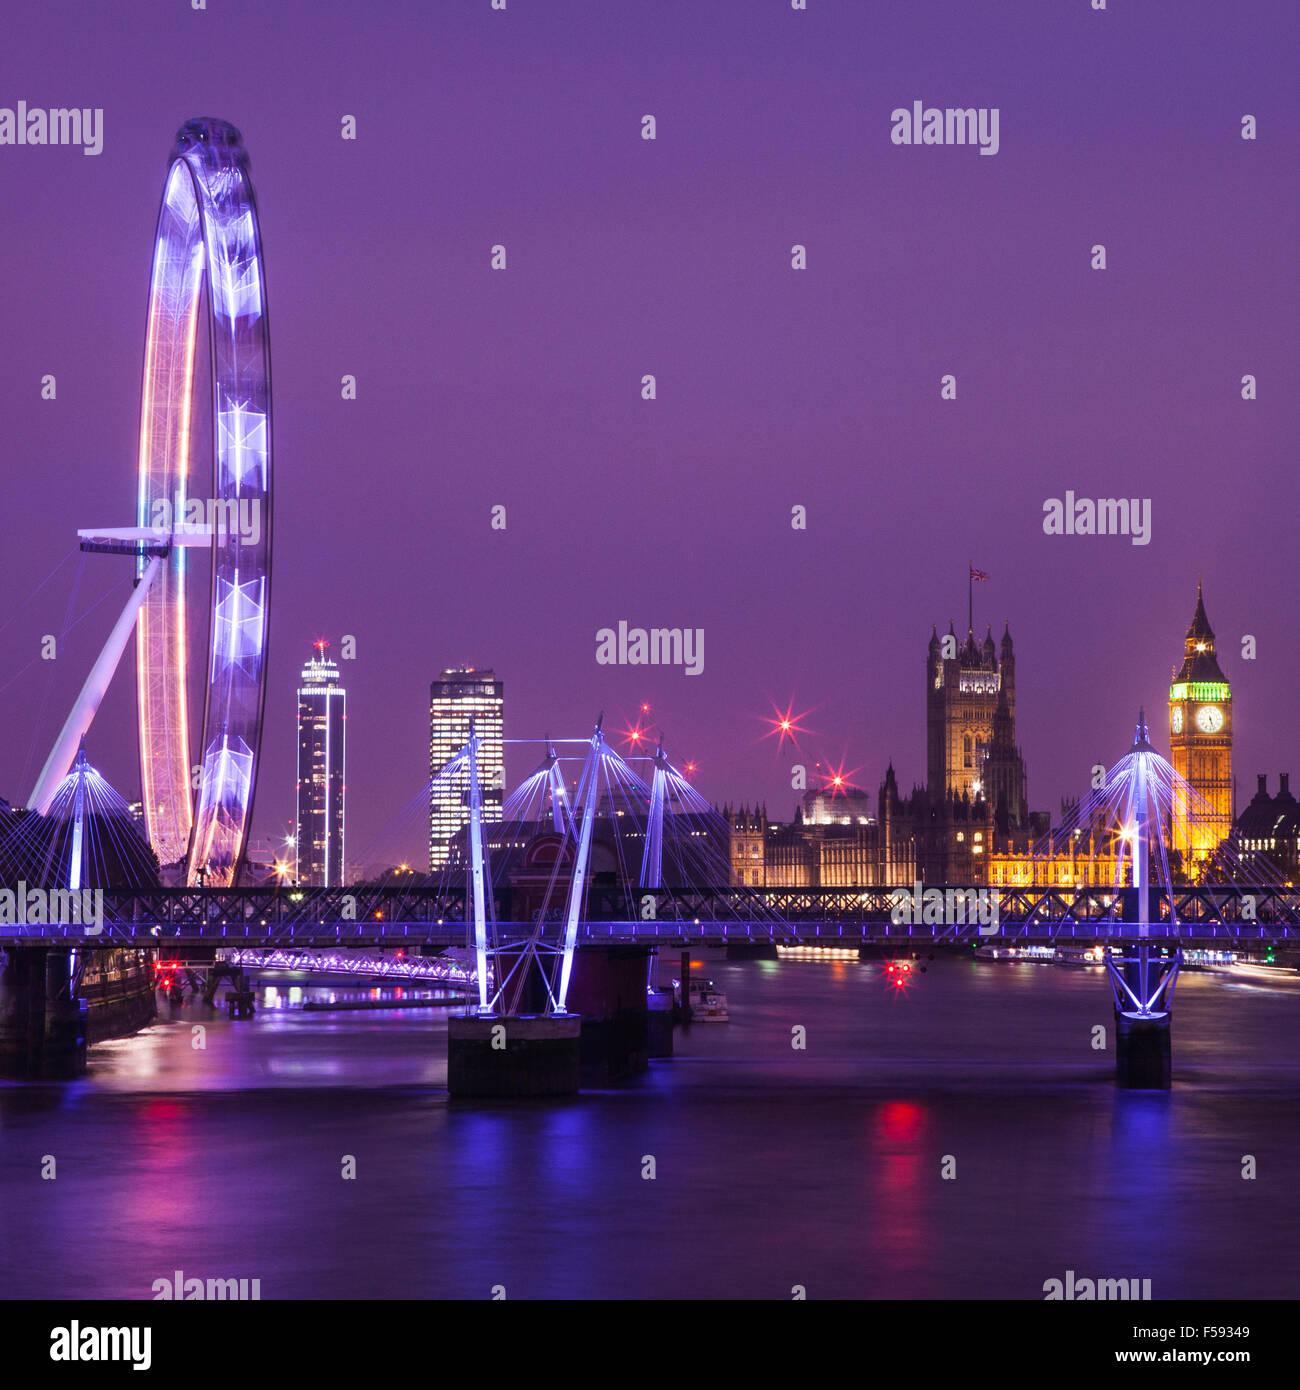 Einen Abend Blick auf London unter den Blick auf die Houses of Parliament, das London Eye und die Themse. Stockbild